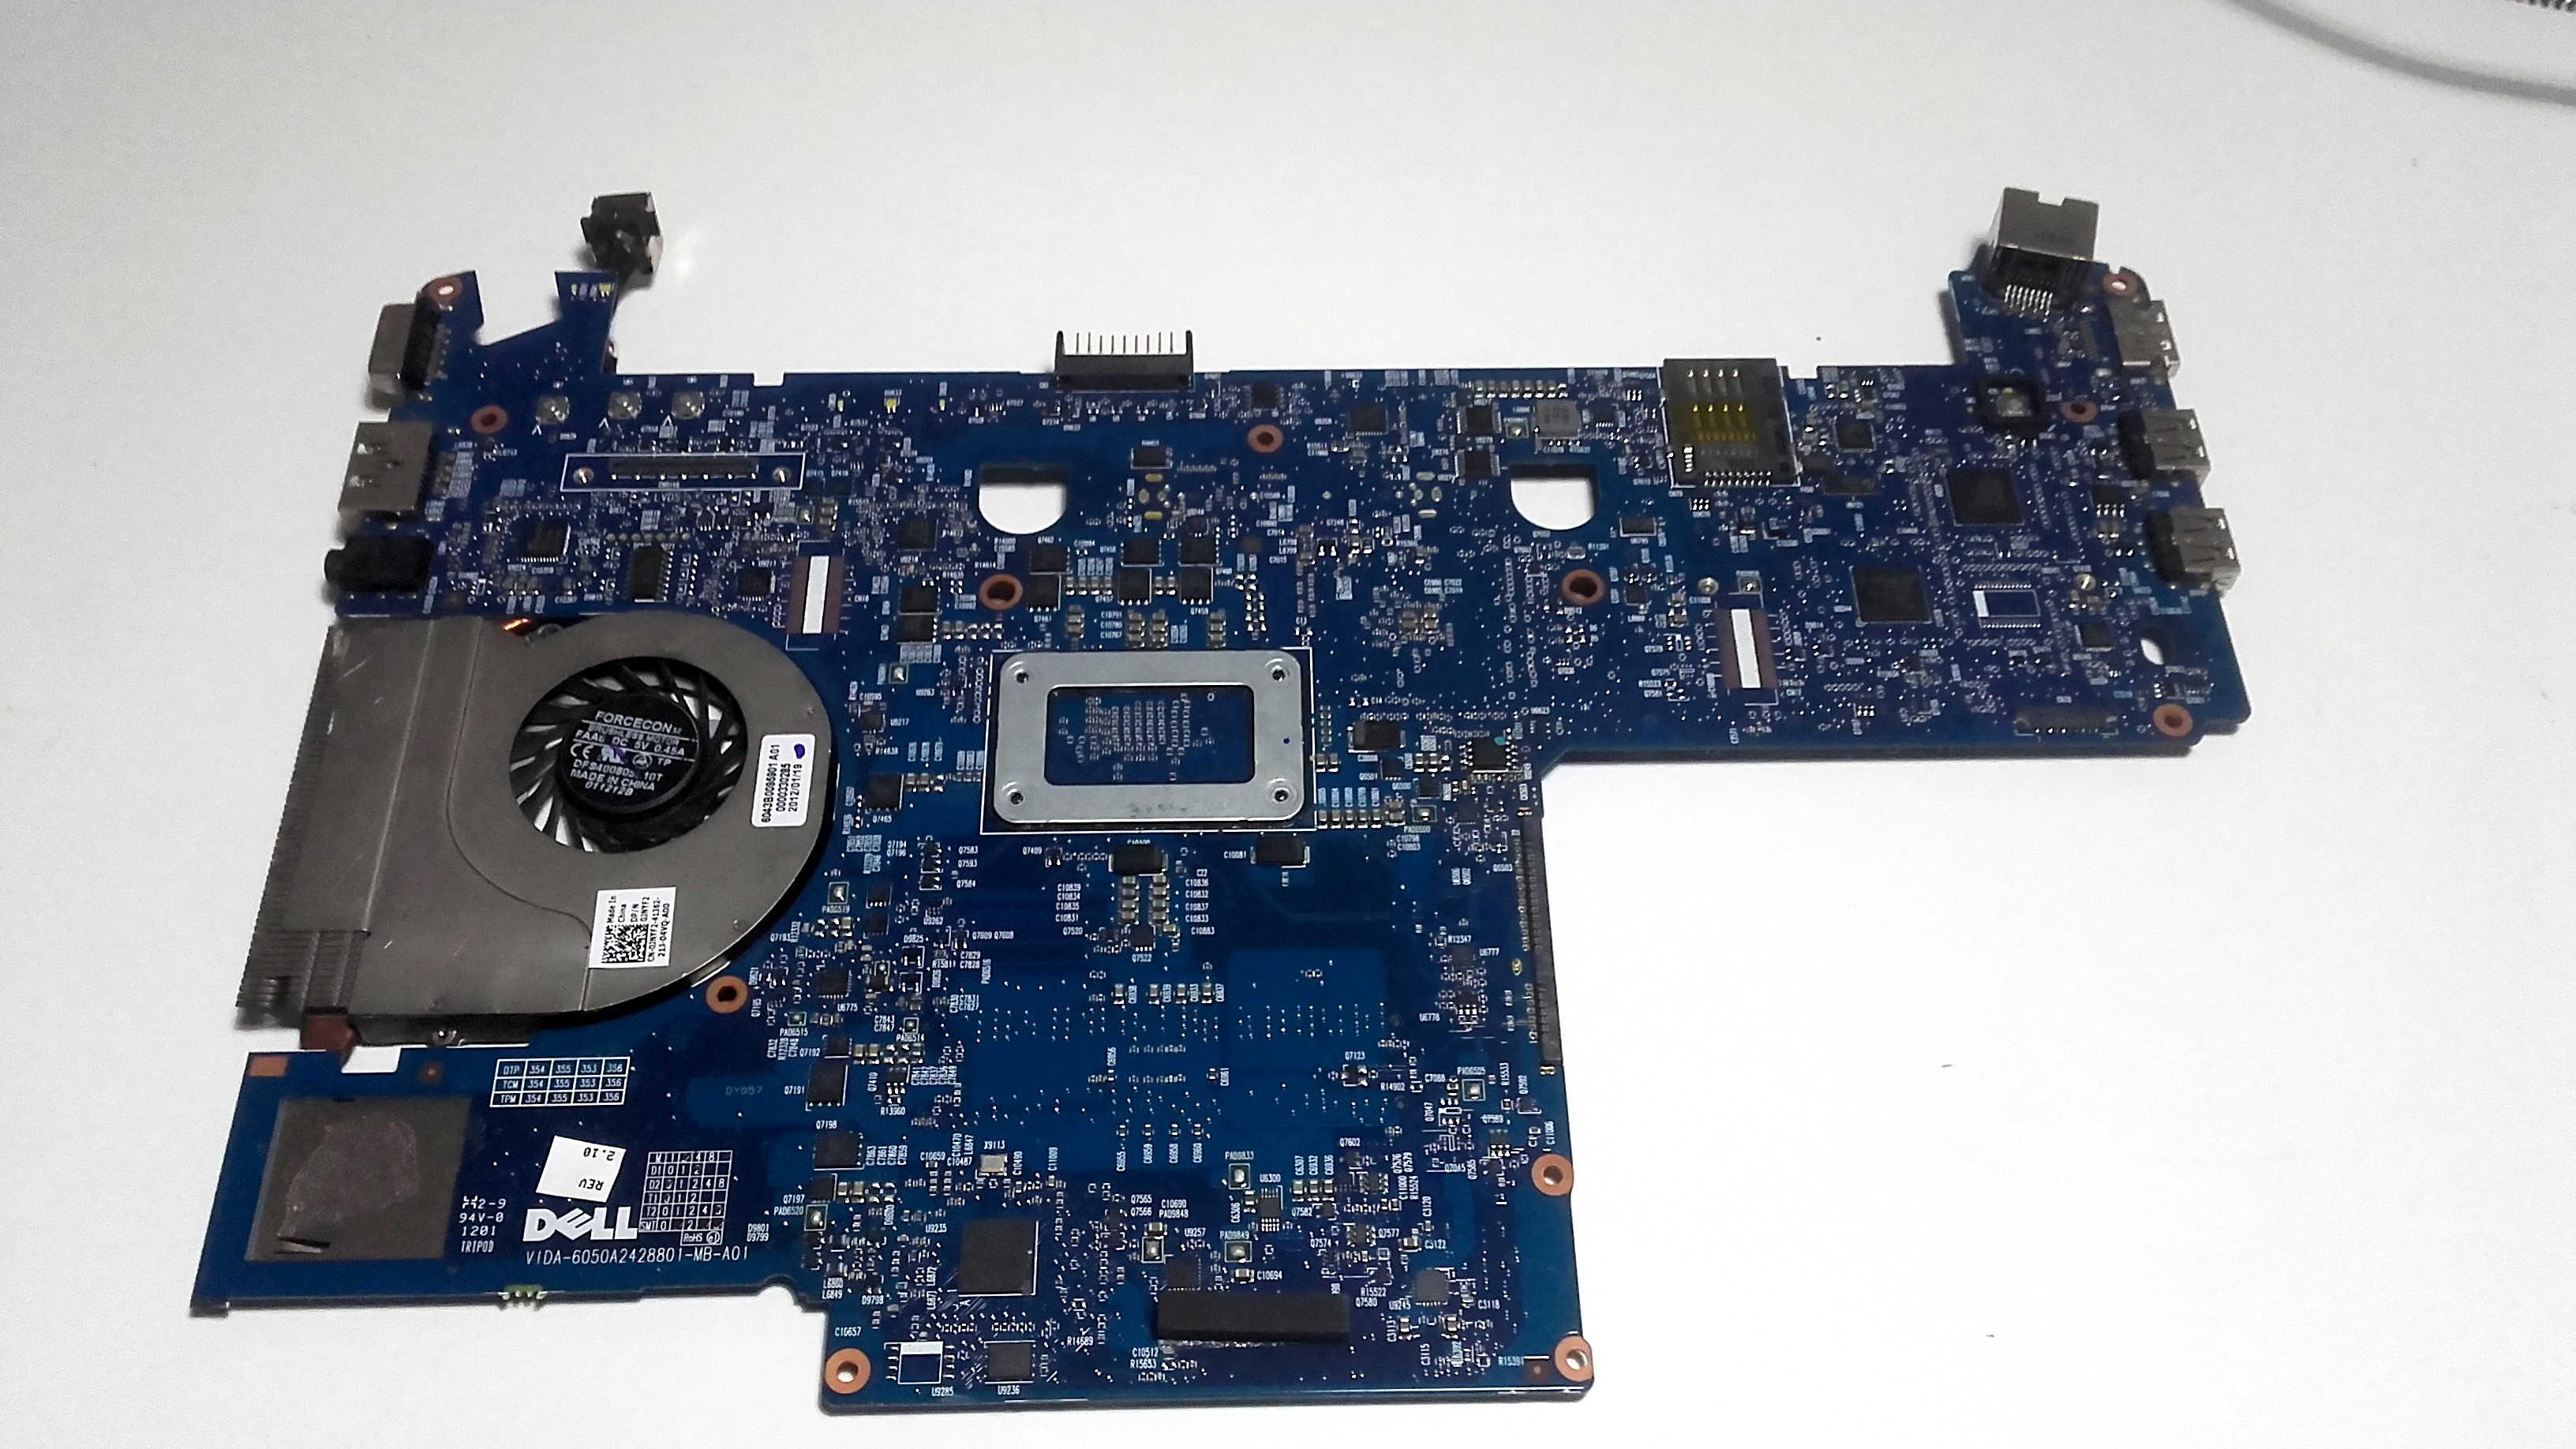 motherboard-Dell-Latitude-E6220-VIDA-6050A2428801